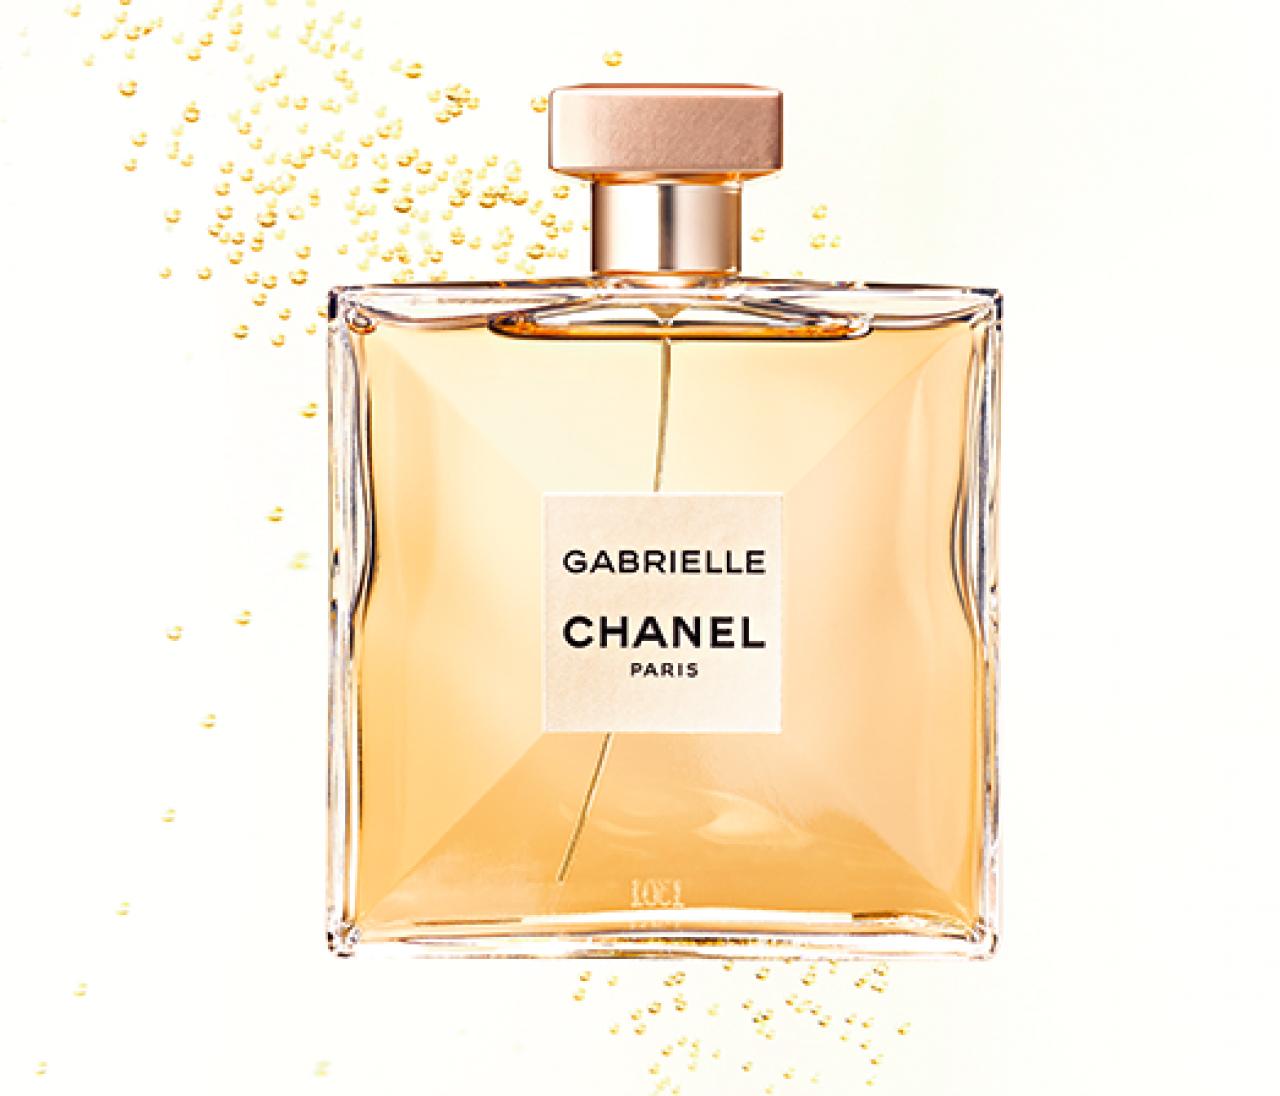 """CHANELの新しい香水、""""GABRIELLE""""誕生! ピュアに、自由に、ありのままの私の香り"""